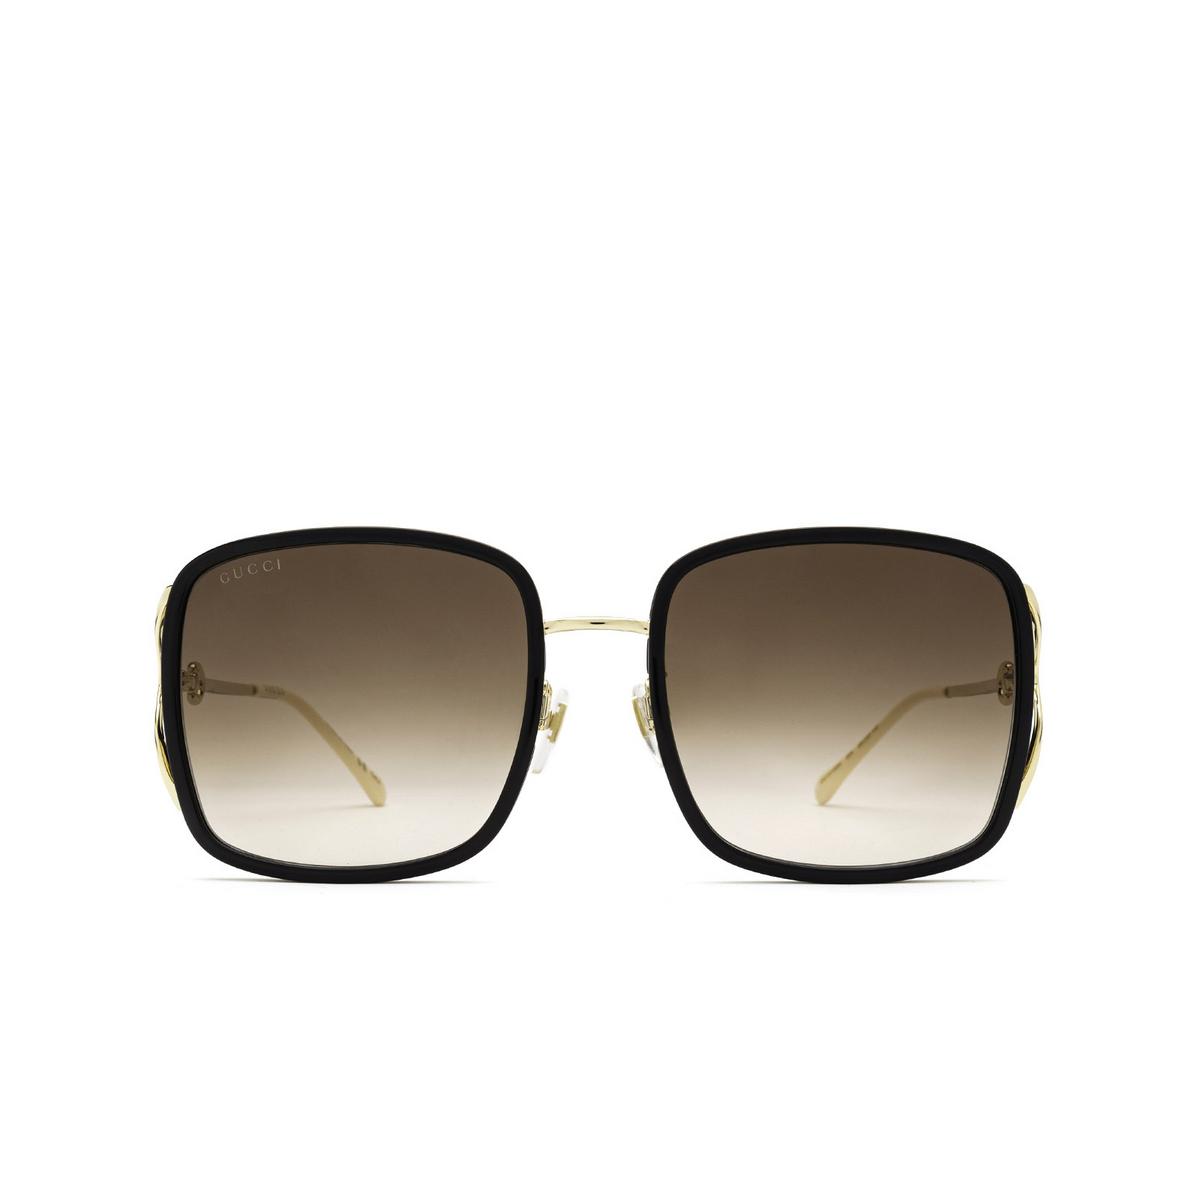 Gucci® Square Sunglasses: GG1016SK color Black 004 - front view.